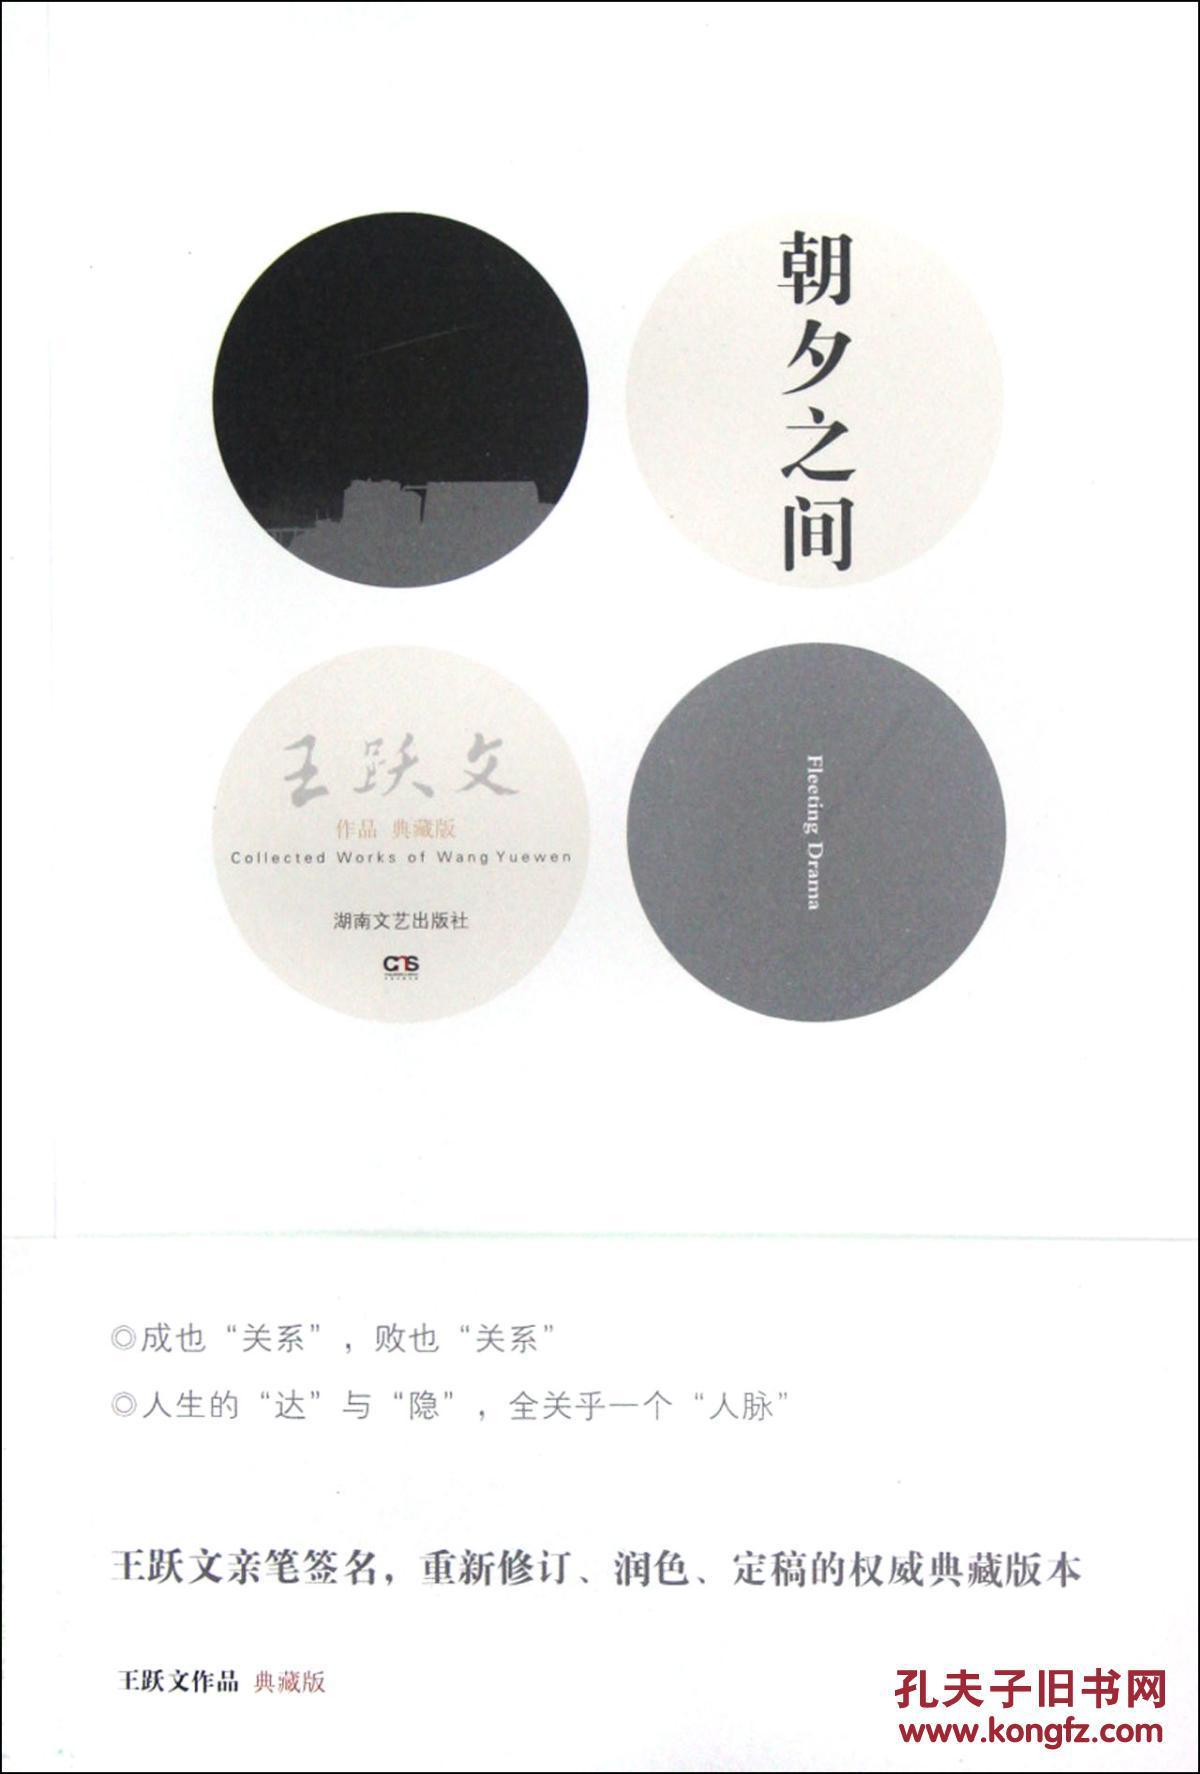 王跃文作品_[全新正版]朝夕之间(王跃文作品典藏版)/王跃文118